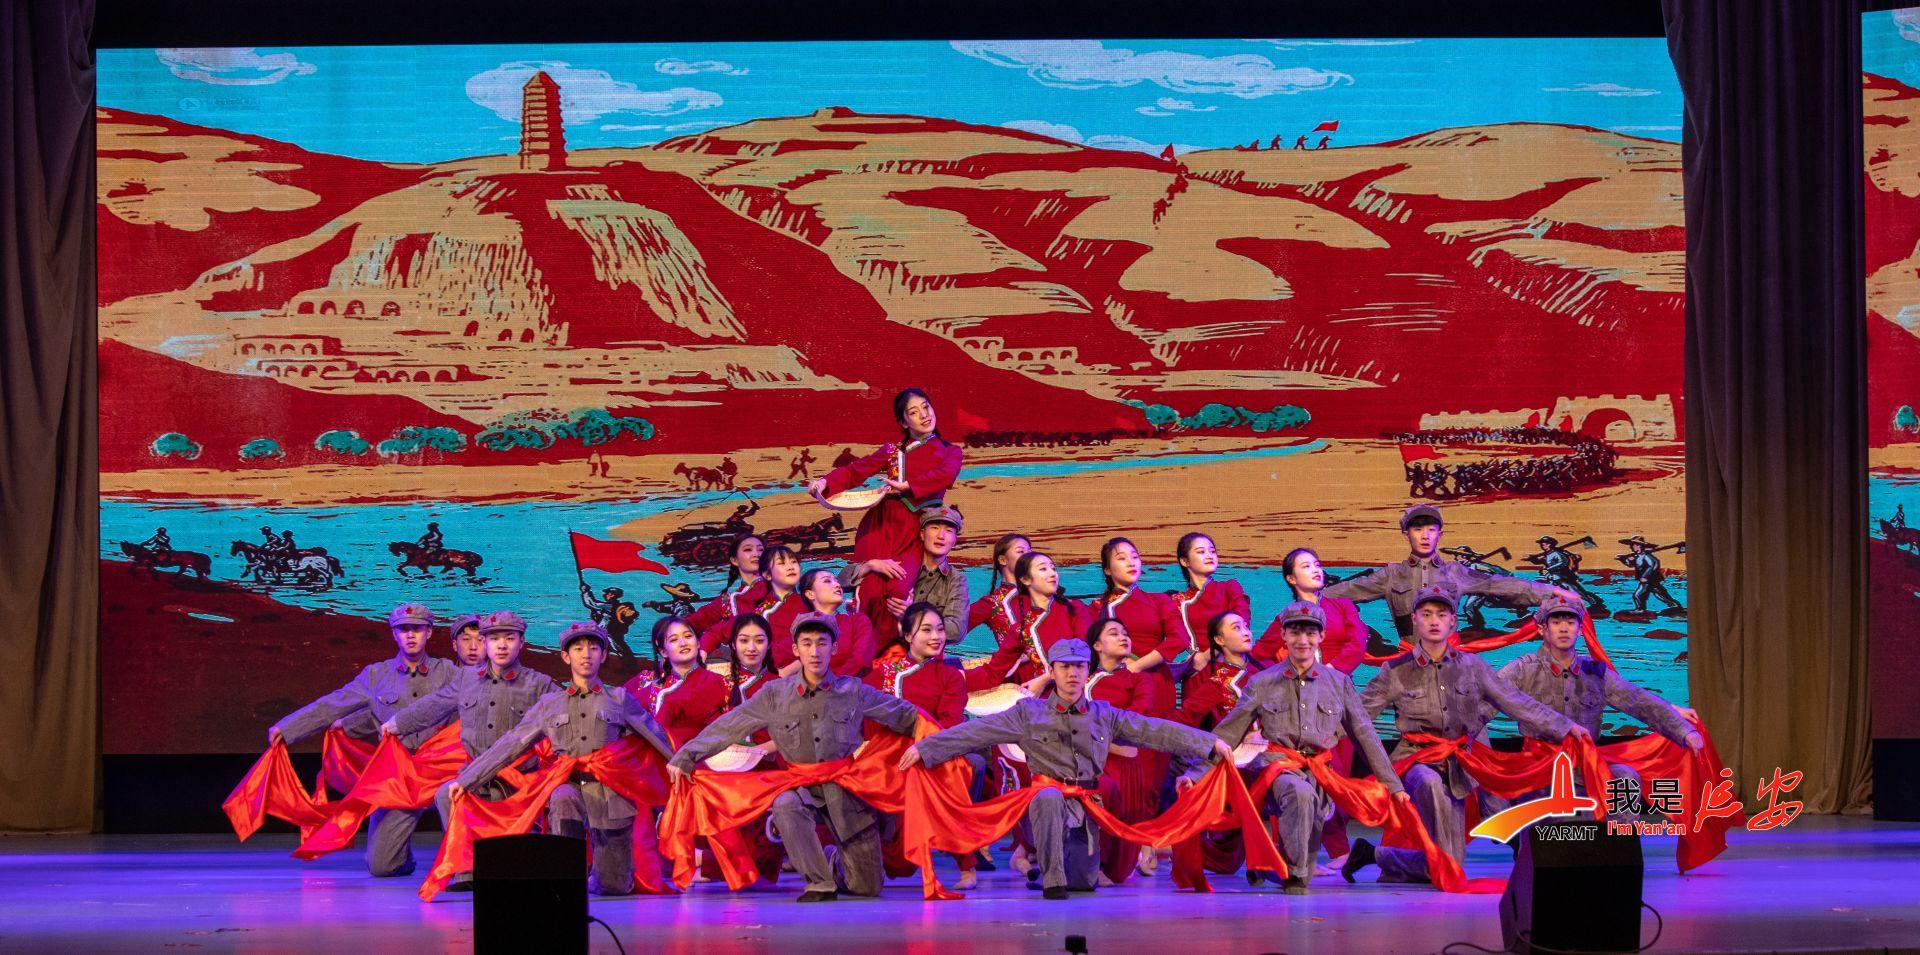 延安大学原创音乐舞蹈史诗《延安》首演